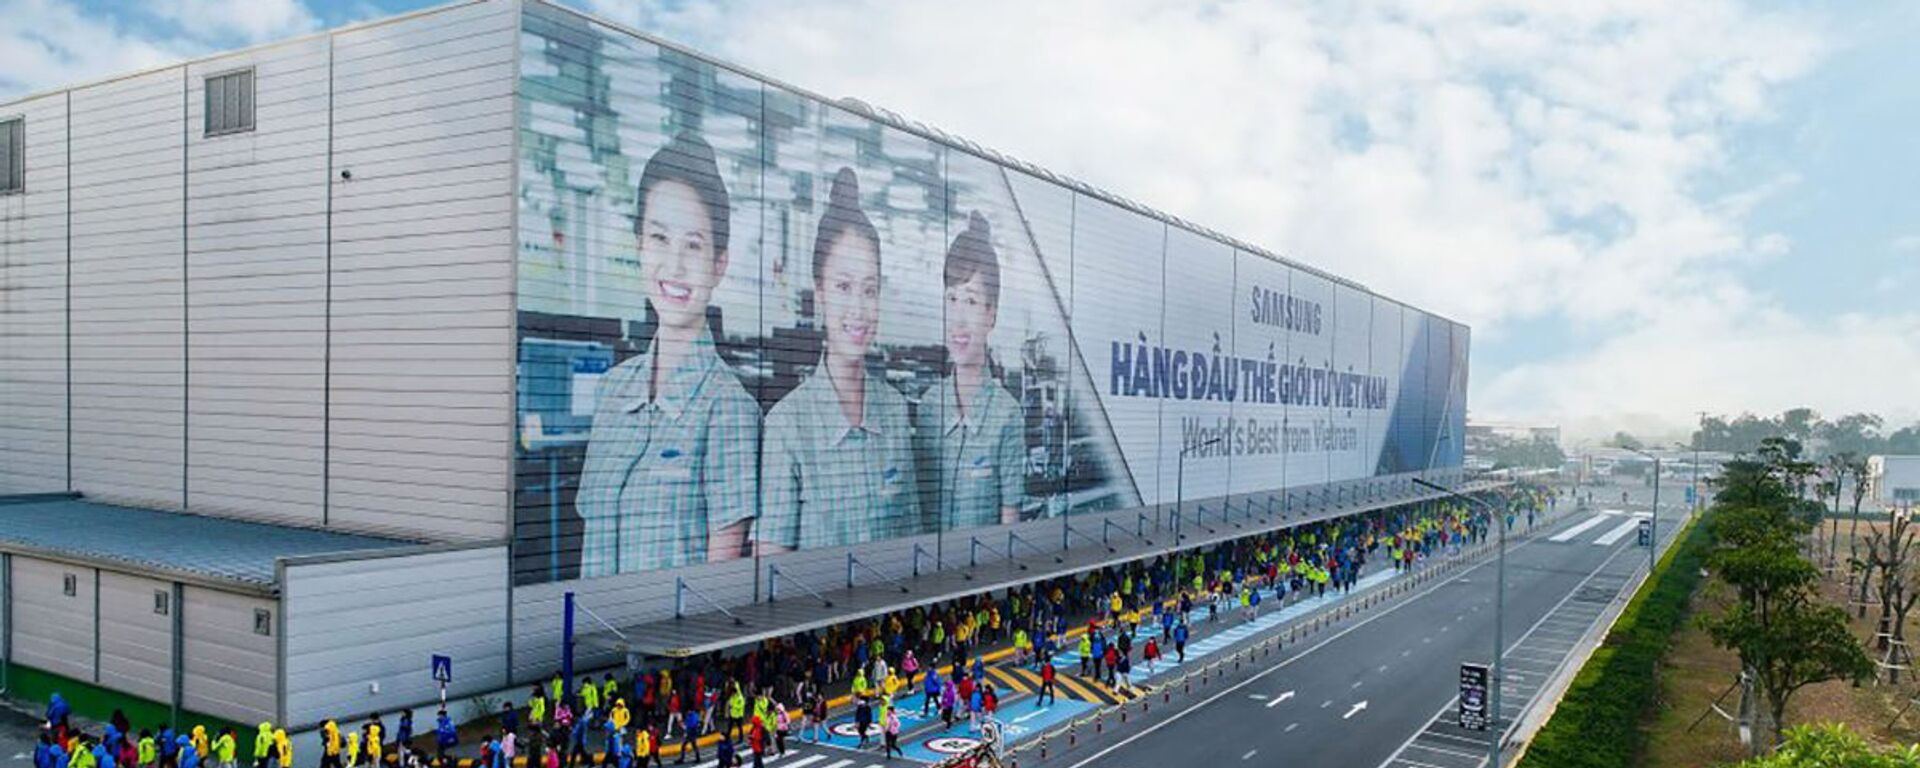 Nhà máy Samsung tại Việt Nam. - Sputnik Việt Nam, 1920, 01.03.2021